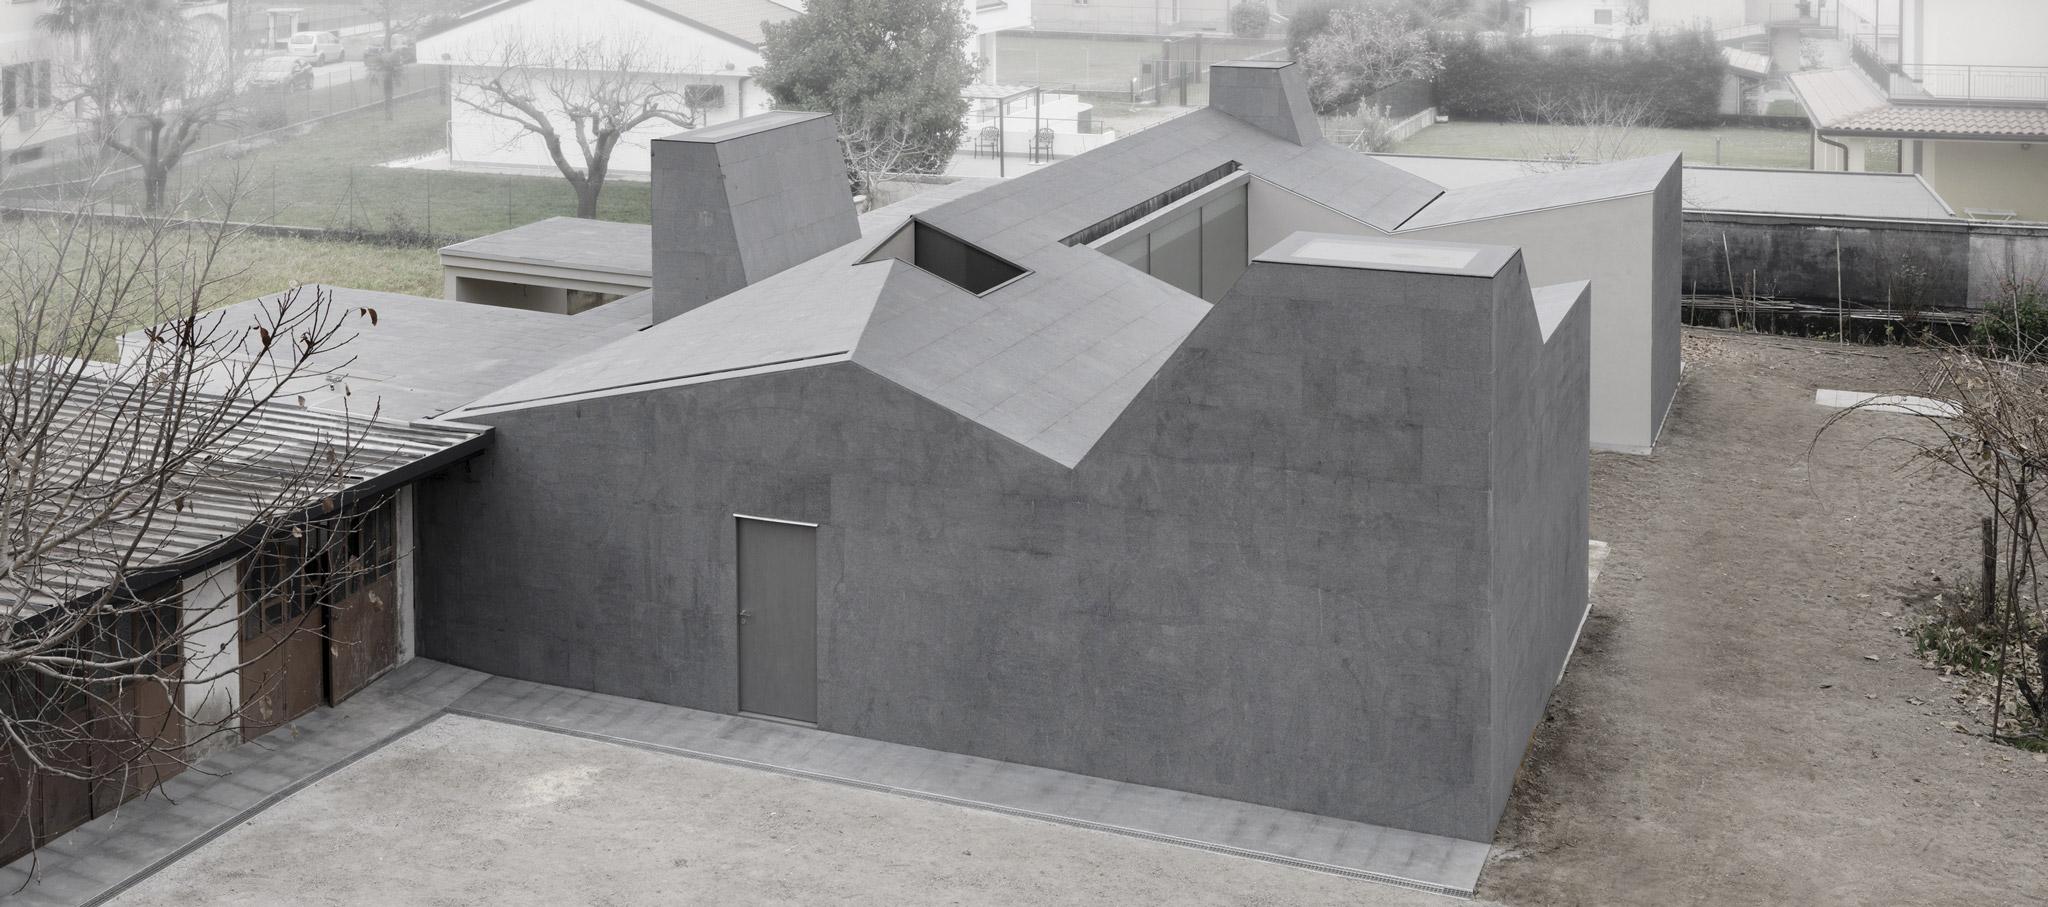 Casa Wiggly por ifdesign. Fotografía © Andrea Martiradonna